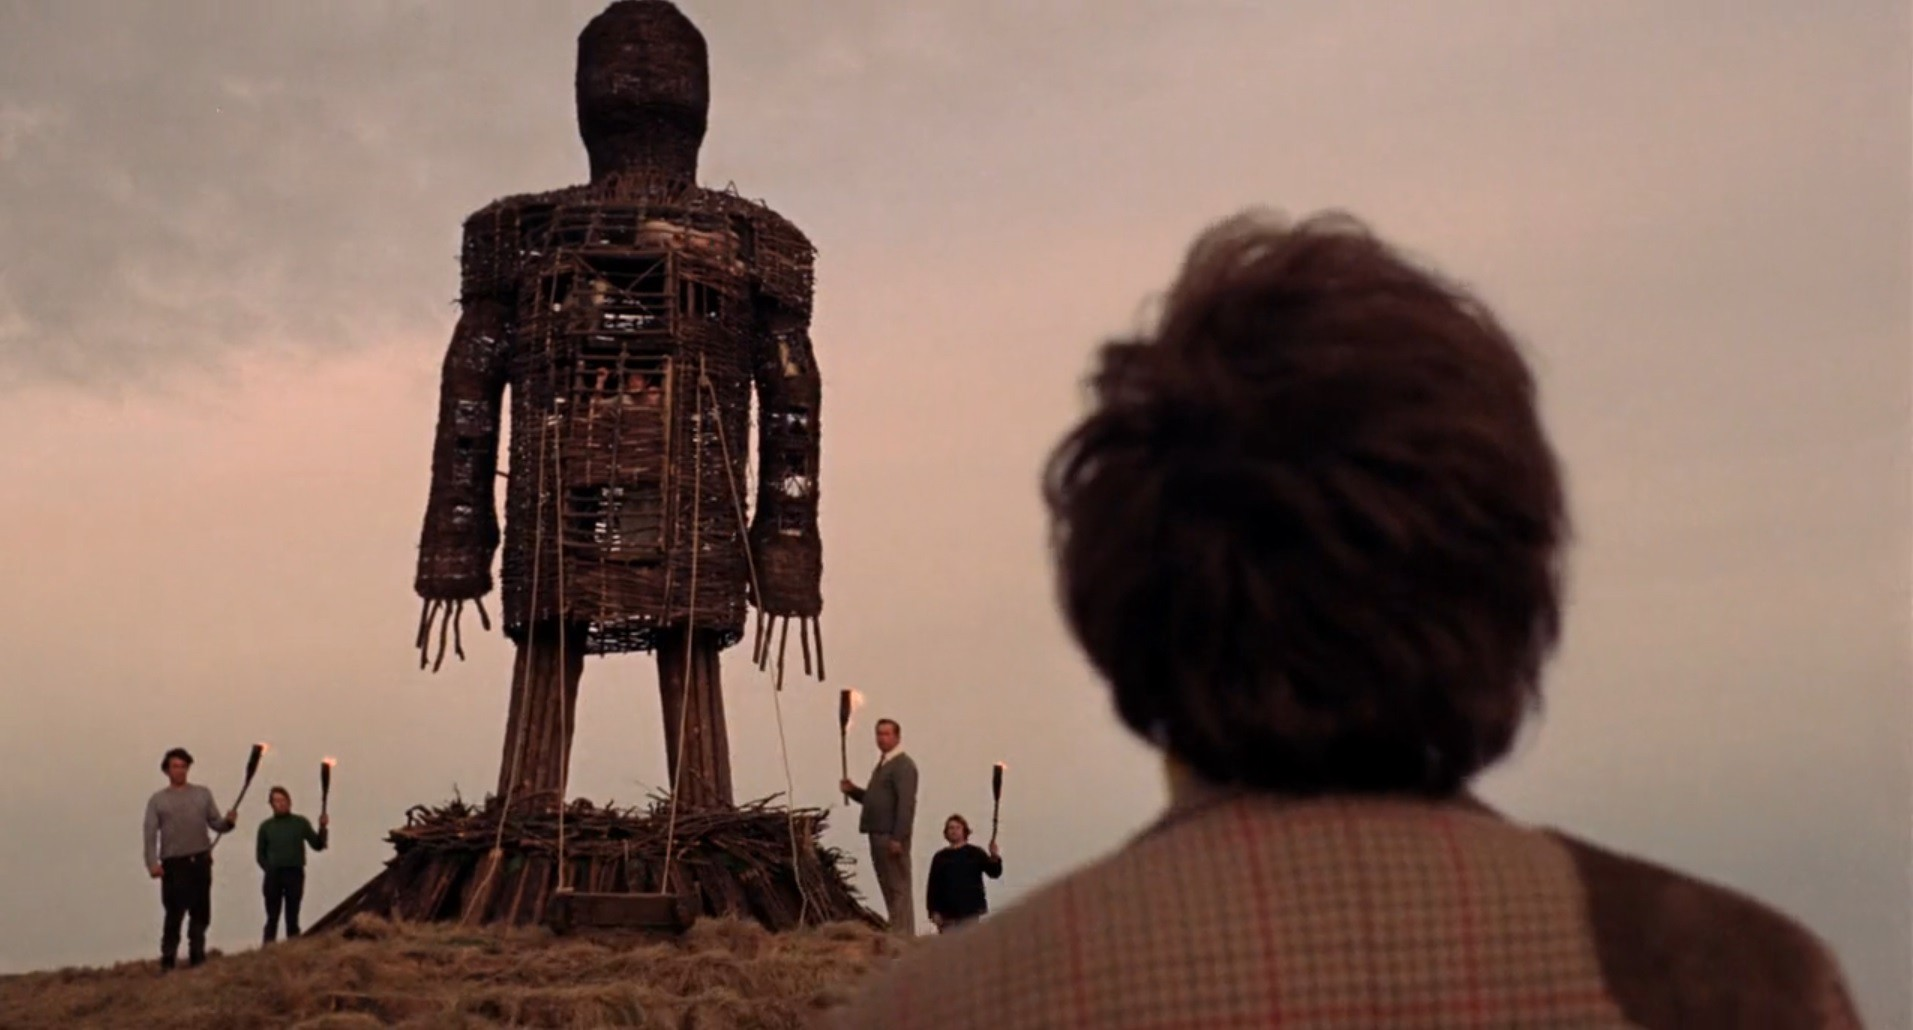 Плетеный человек (The Wicker Man) 1973